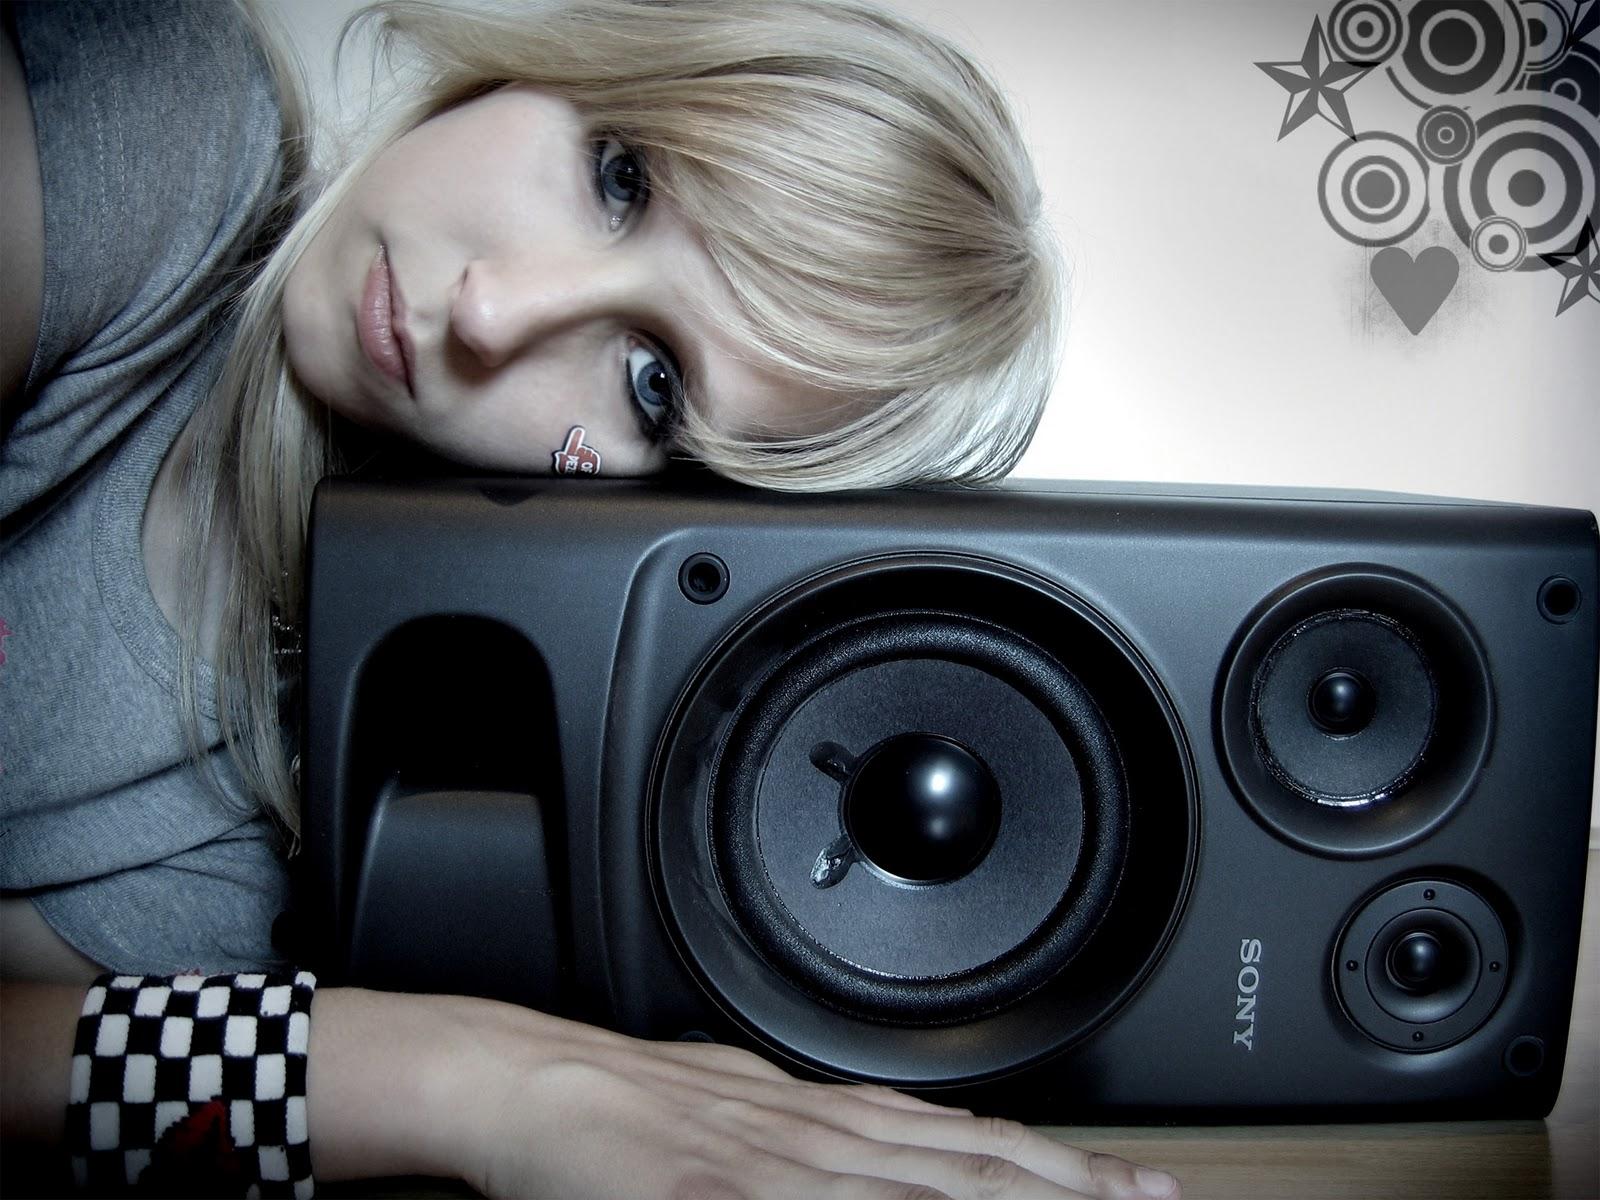 http://2.bp.blogspot.com/_vTQcDXfTeUo/TMcf11pY79I/AAAAAAAAAOg/IqKTuxwWSdw/s1600/i_love_my_music-1920x1440.jpg